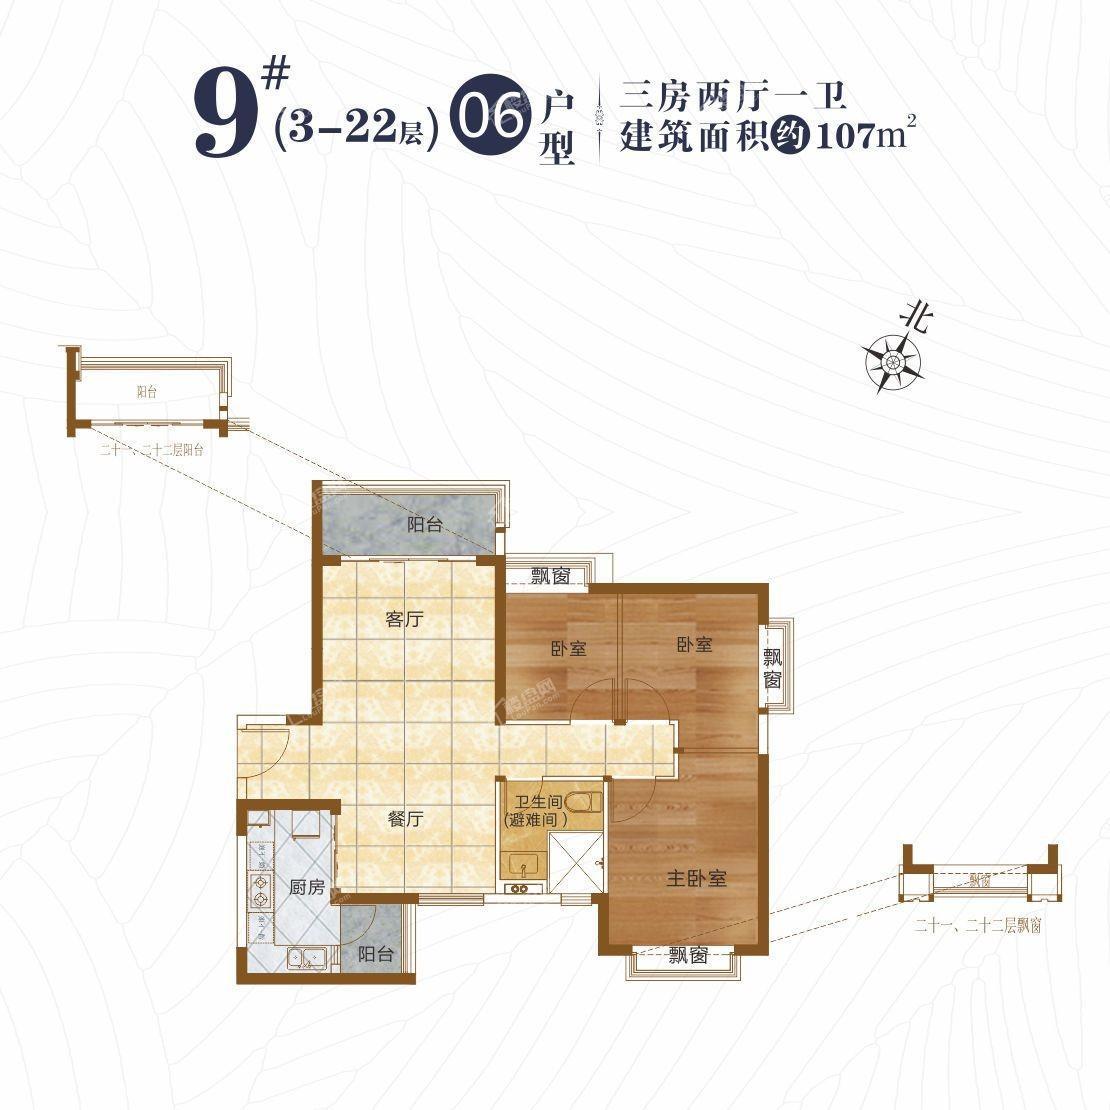 9#号楼(3-22层)06户型